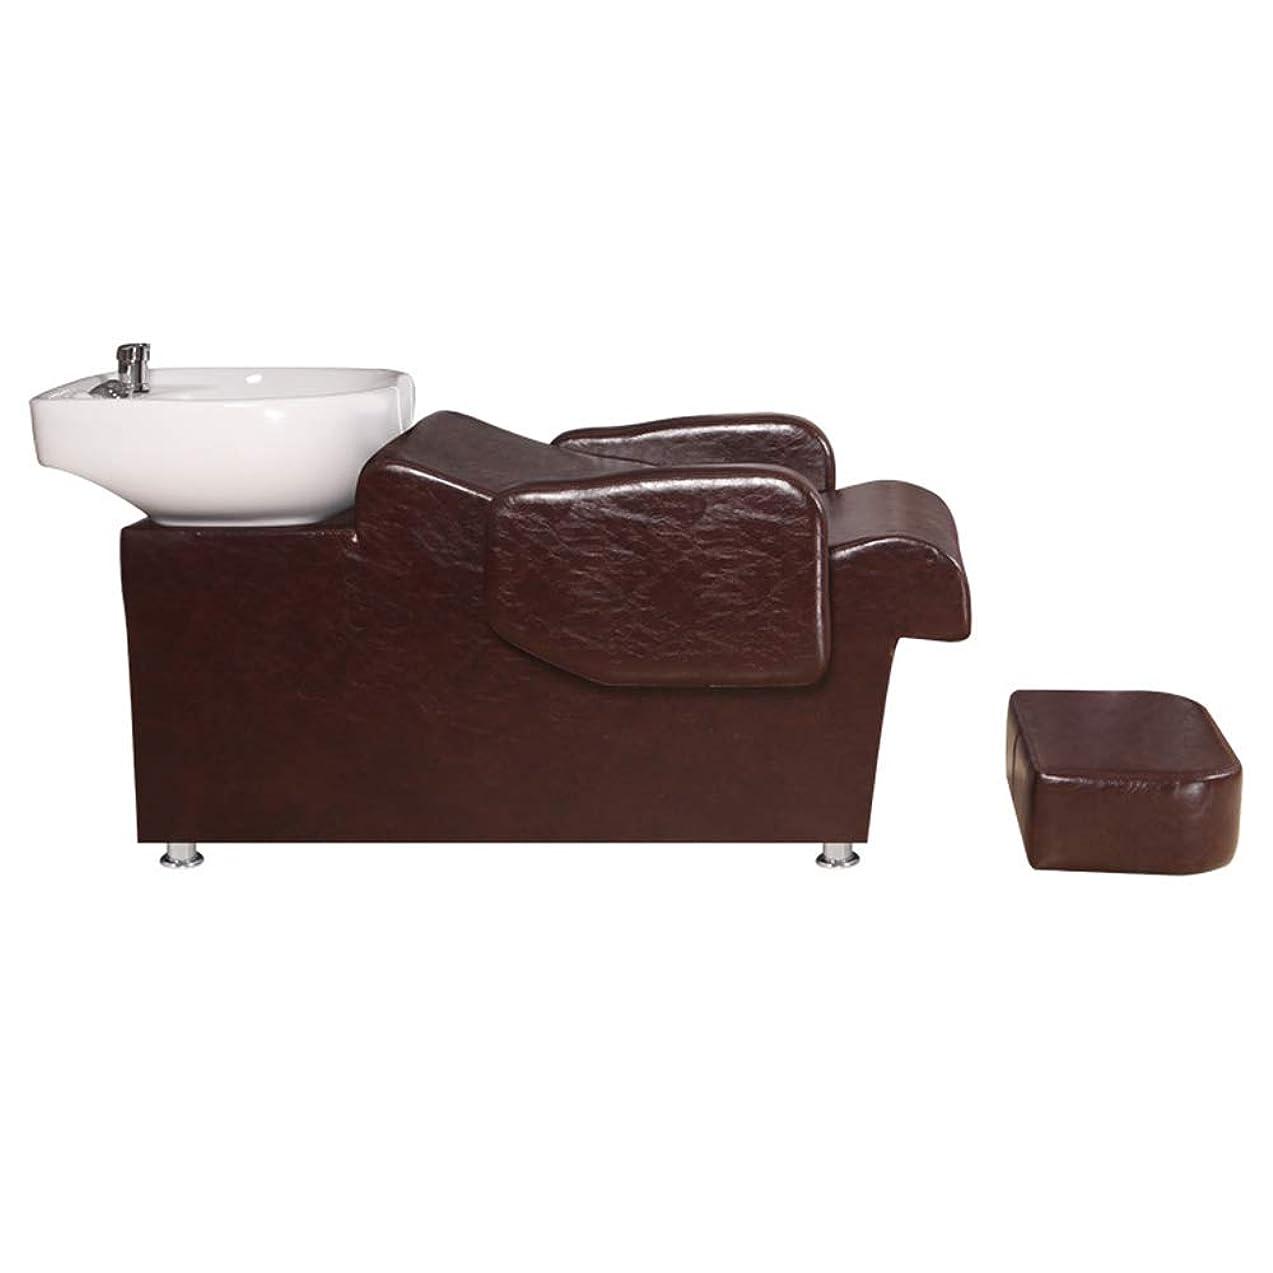 フロー周辺開始シャンプーの理髪師の逆洗の椅子、鉱泉の美容院のためのシャンプーボールの流しの椅子半横たわっている鉱泉の美容院装置